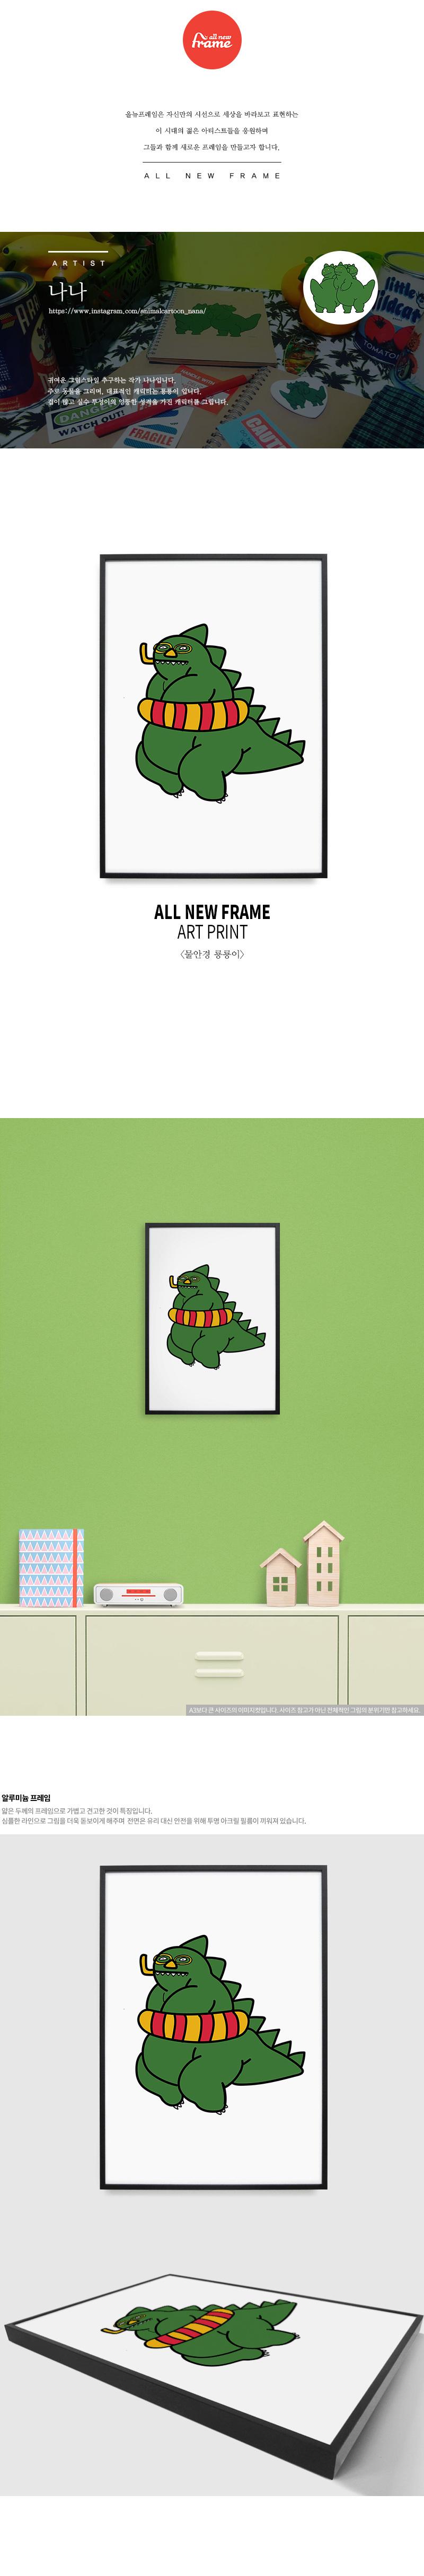 물안경 룡룡이 - 올뉴프레임, 55,000원, 홈갤러리, 캔버스아트